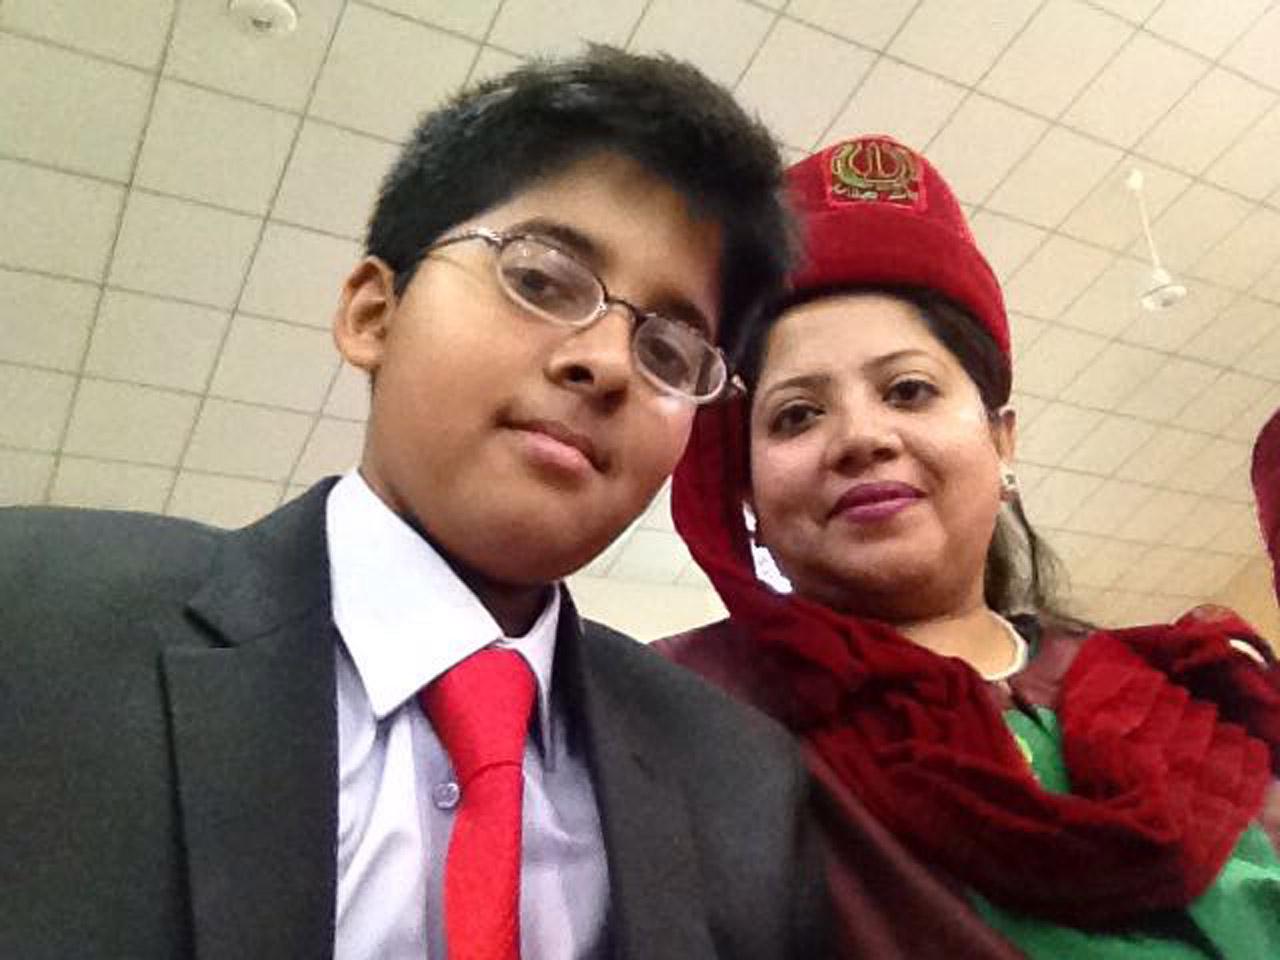 Dr. Kiran A. Rehman with her son Habib Ur Rehman